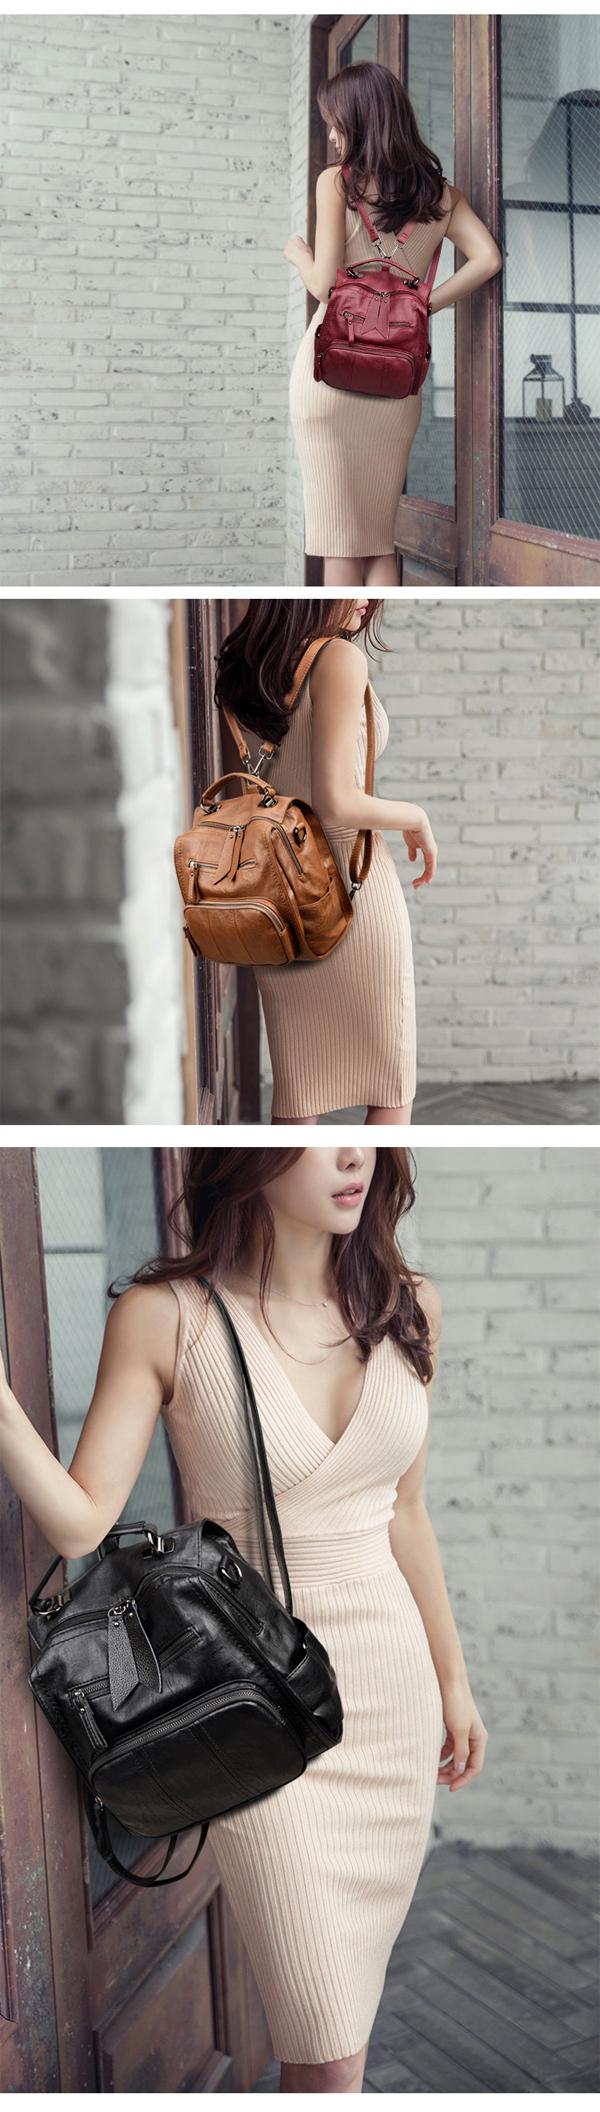 Suture Multifunction Bag Shoulder Bag Backpack Travel Bag For Women